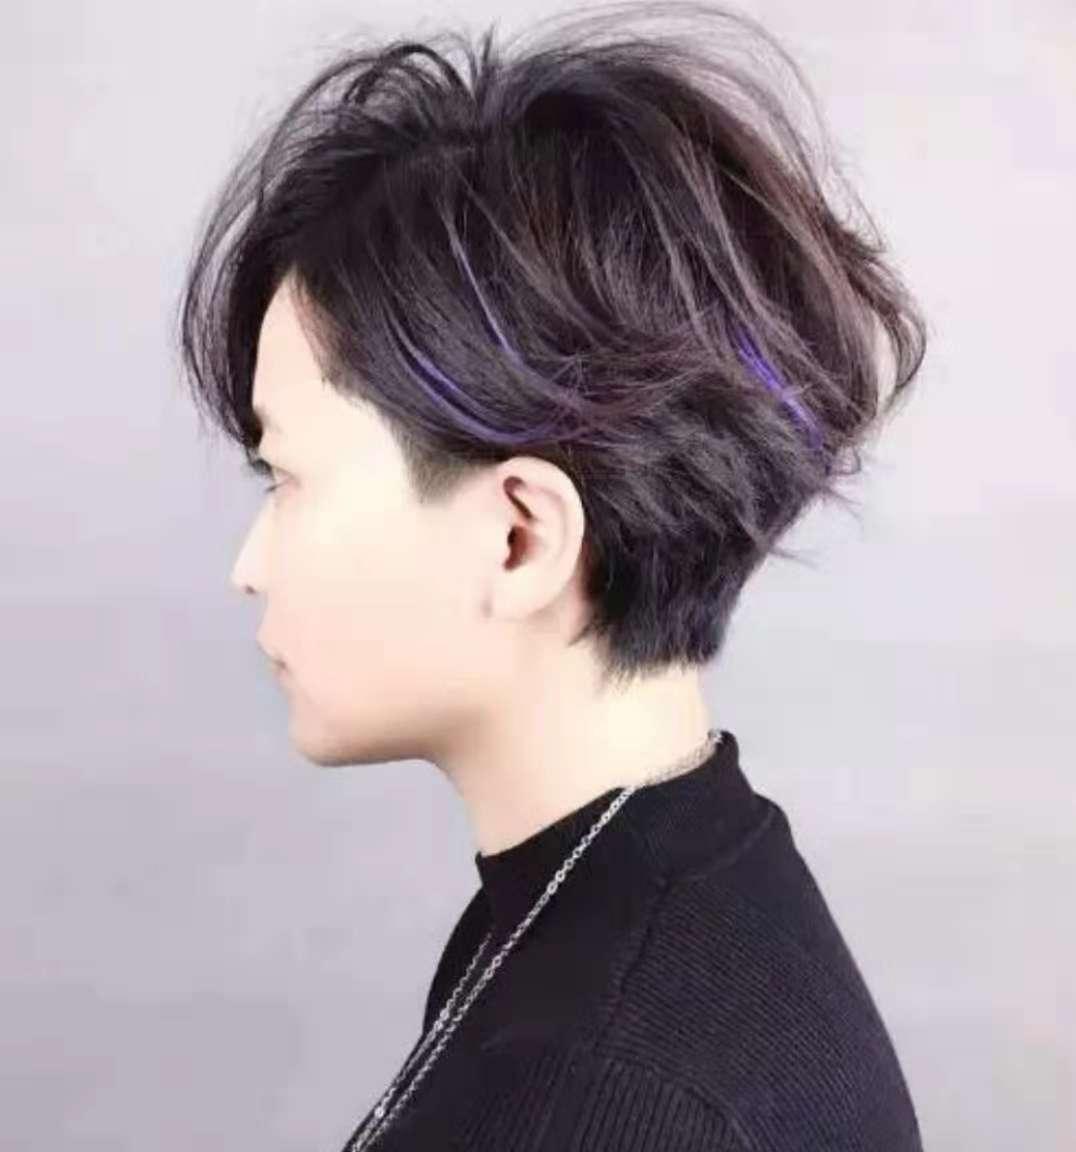 女士短发烫发_女式短发烫发图片 v118.com